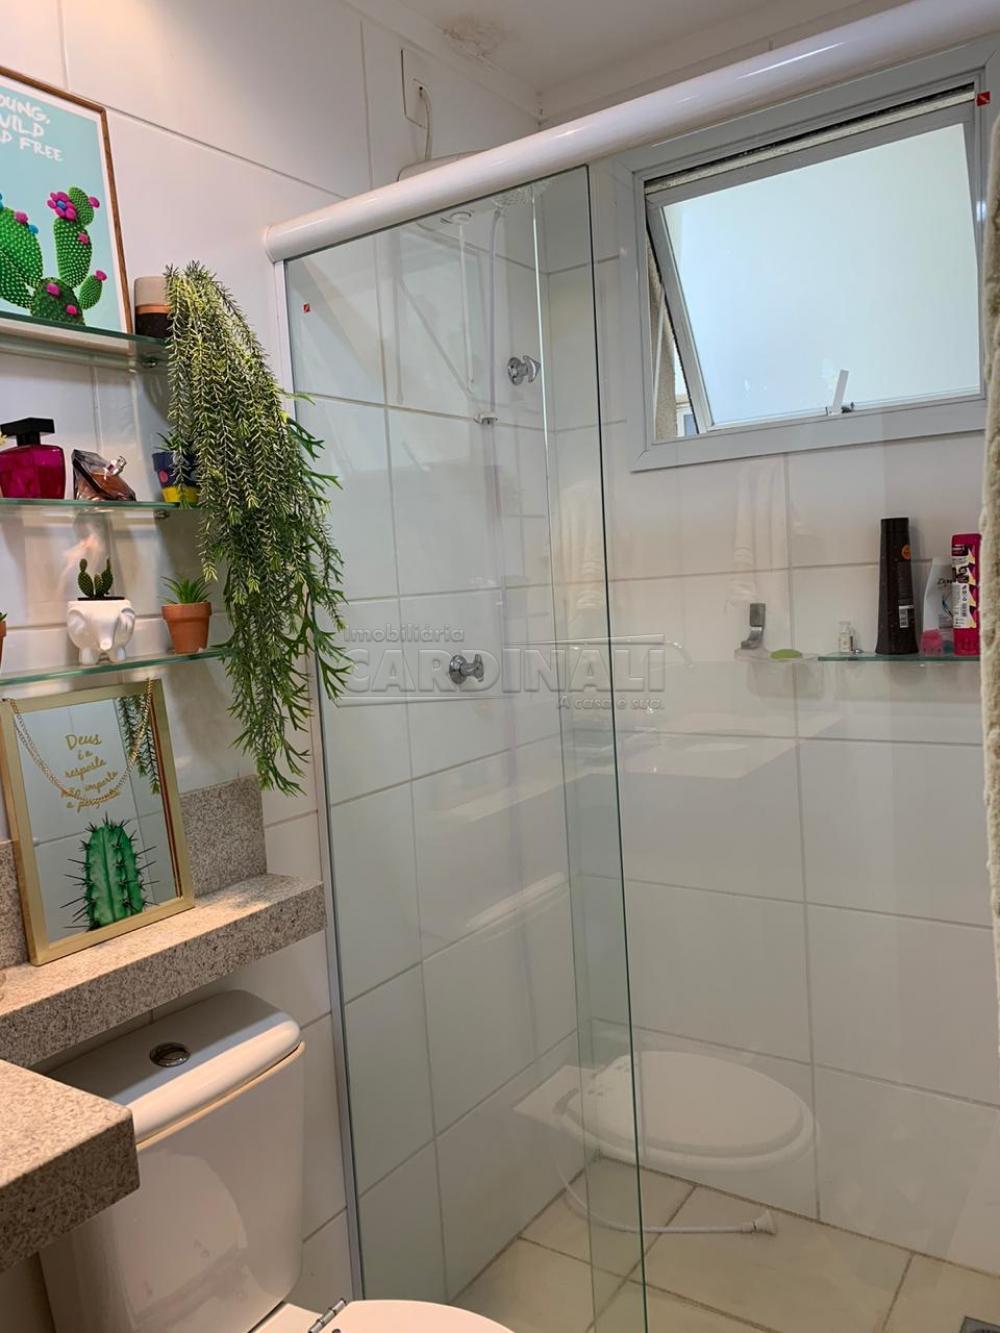 Comprar Apartamento / Padrão em São Carlos apenas R$ 455.000,00 - Foto 15